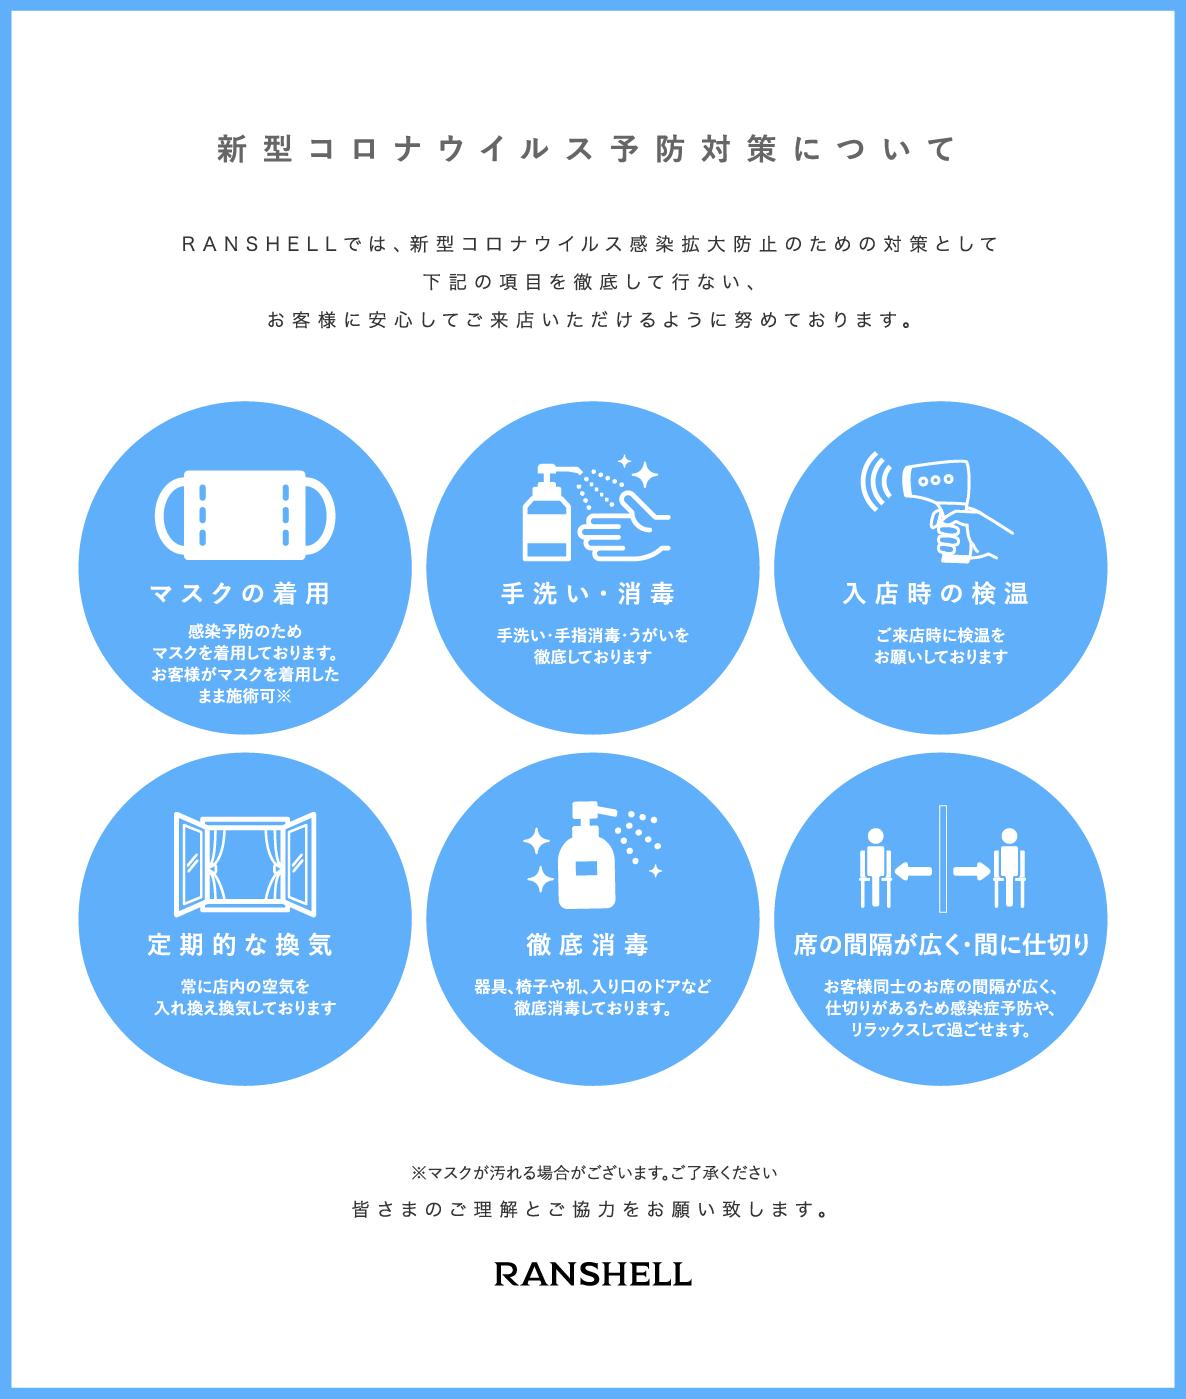 新型コロナウイルス予防対策について | RANSHELLでは、新型コロナウイルス感染拡大防止のための対策として下記の項目を徹底して行ない、お客様に安心してご来店いただけるように努めております。